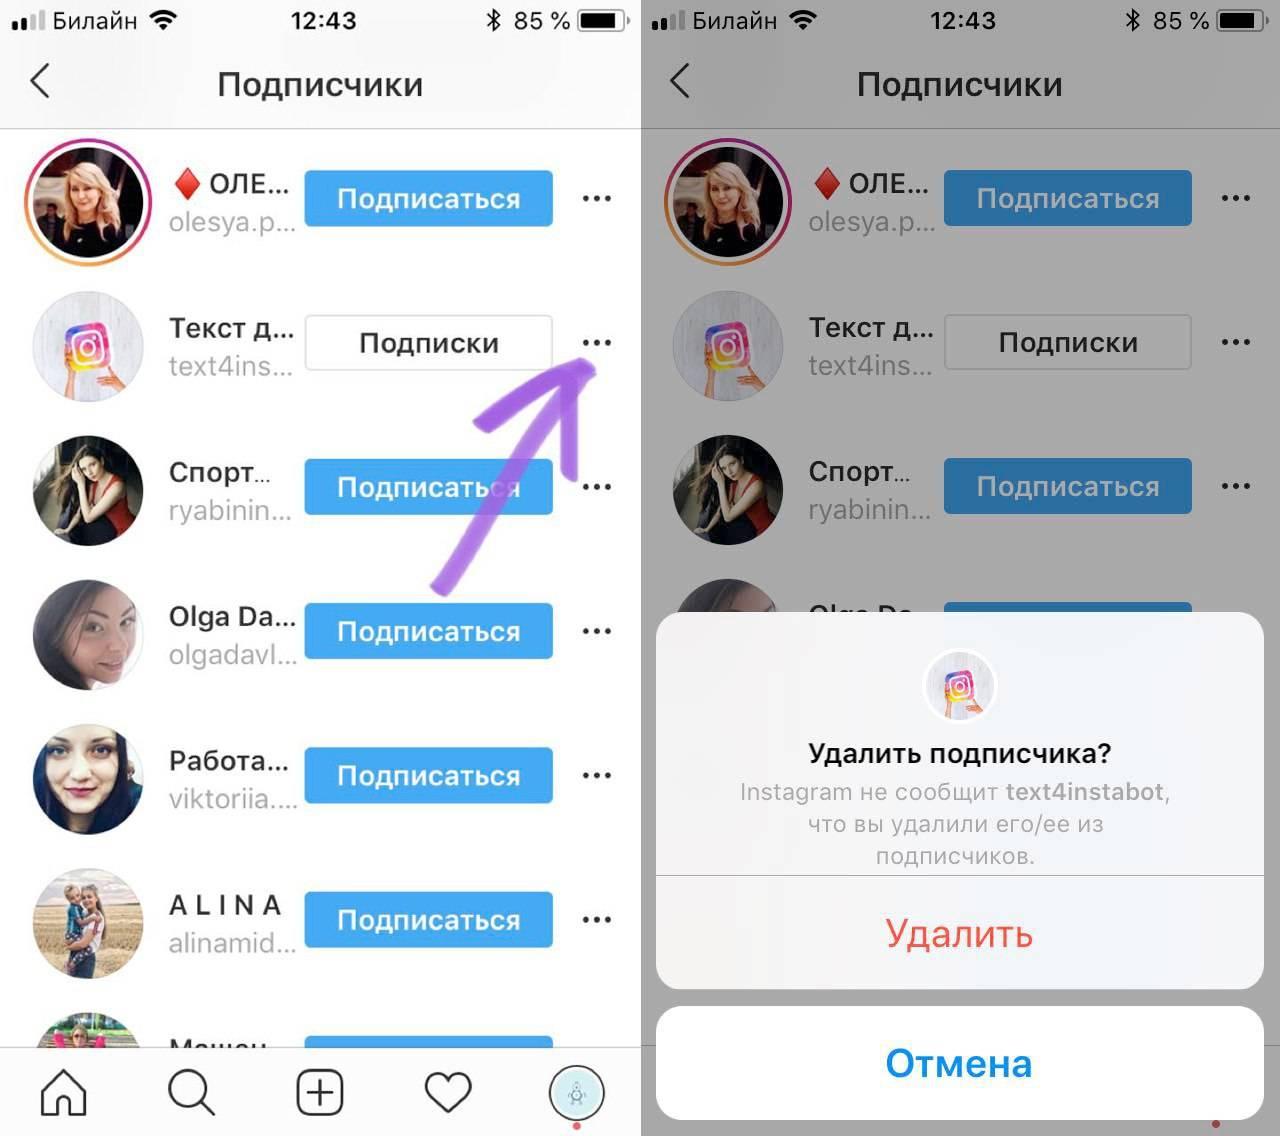 Как очистить профиль в инстаграм от спамных подписчиков